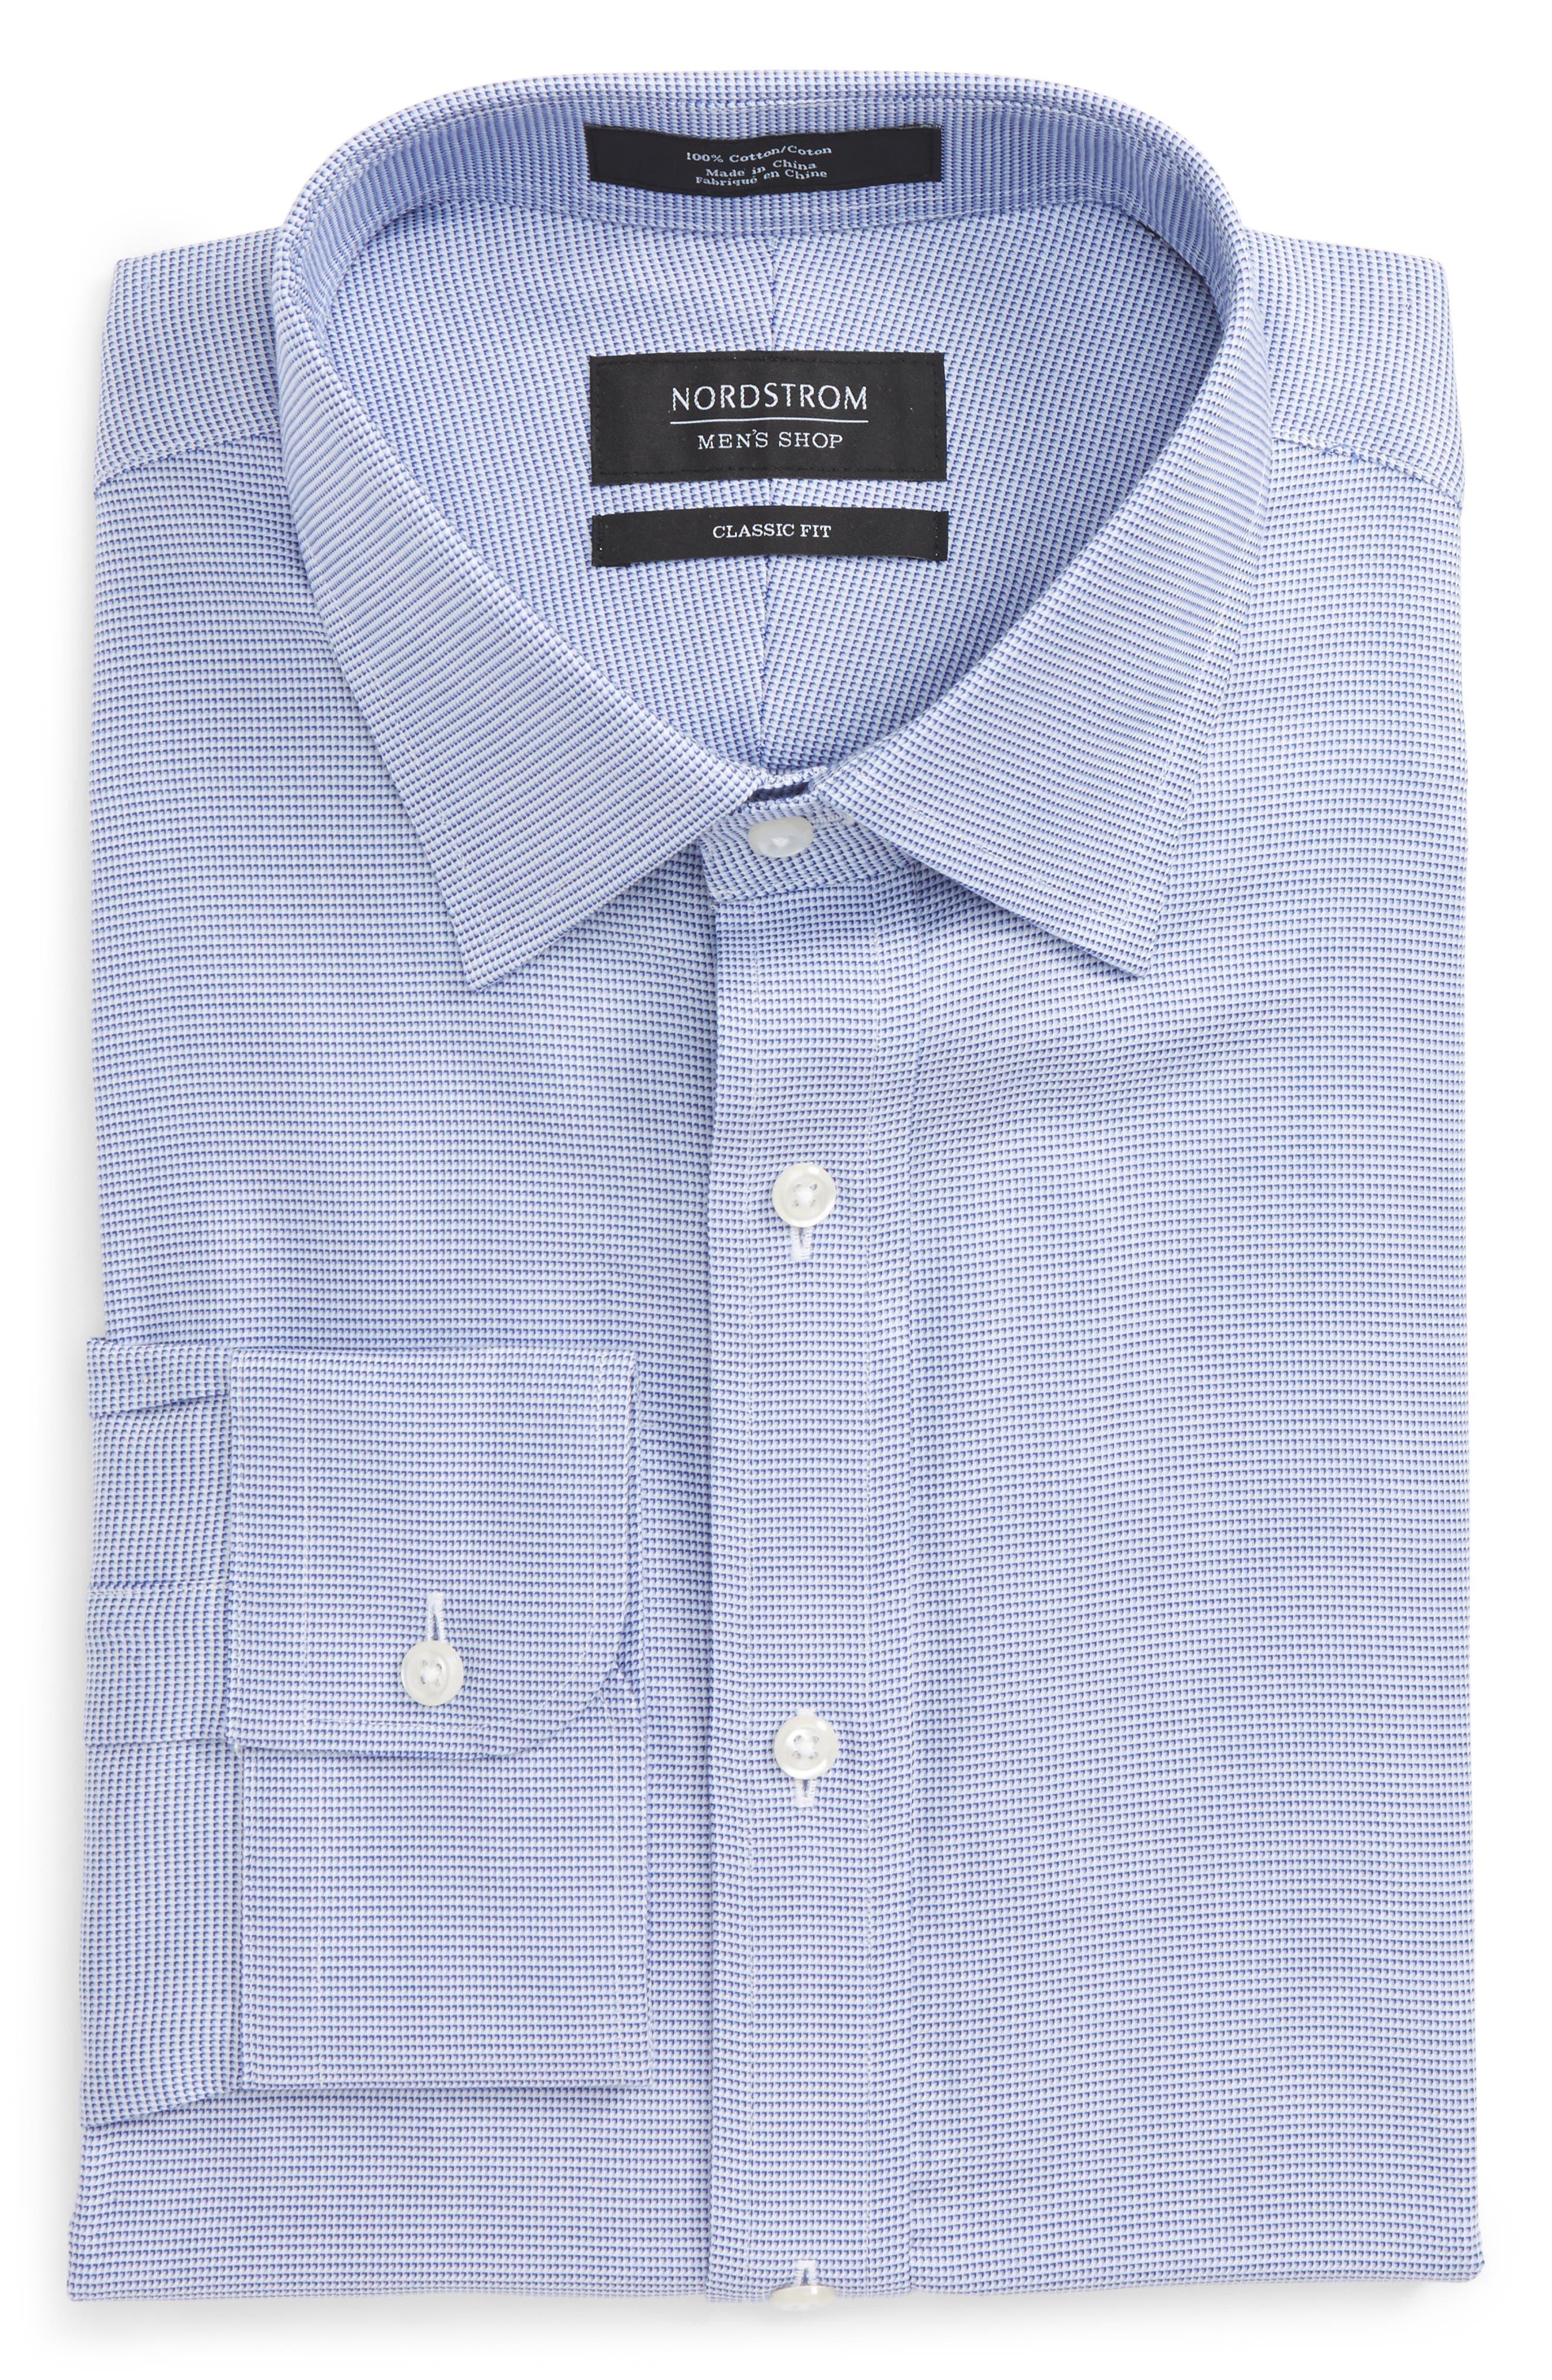 Nordstrom Men's Shop Classic Fit Solid Dress Shirt